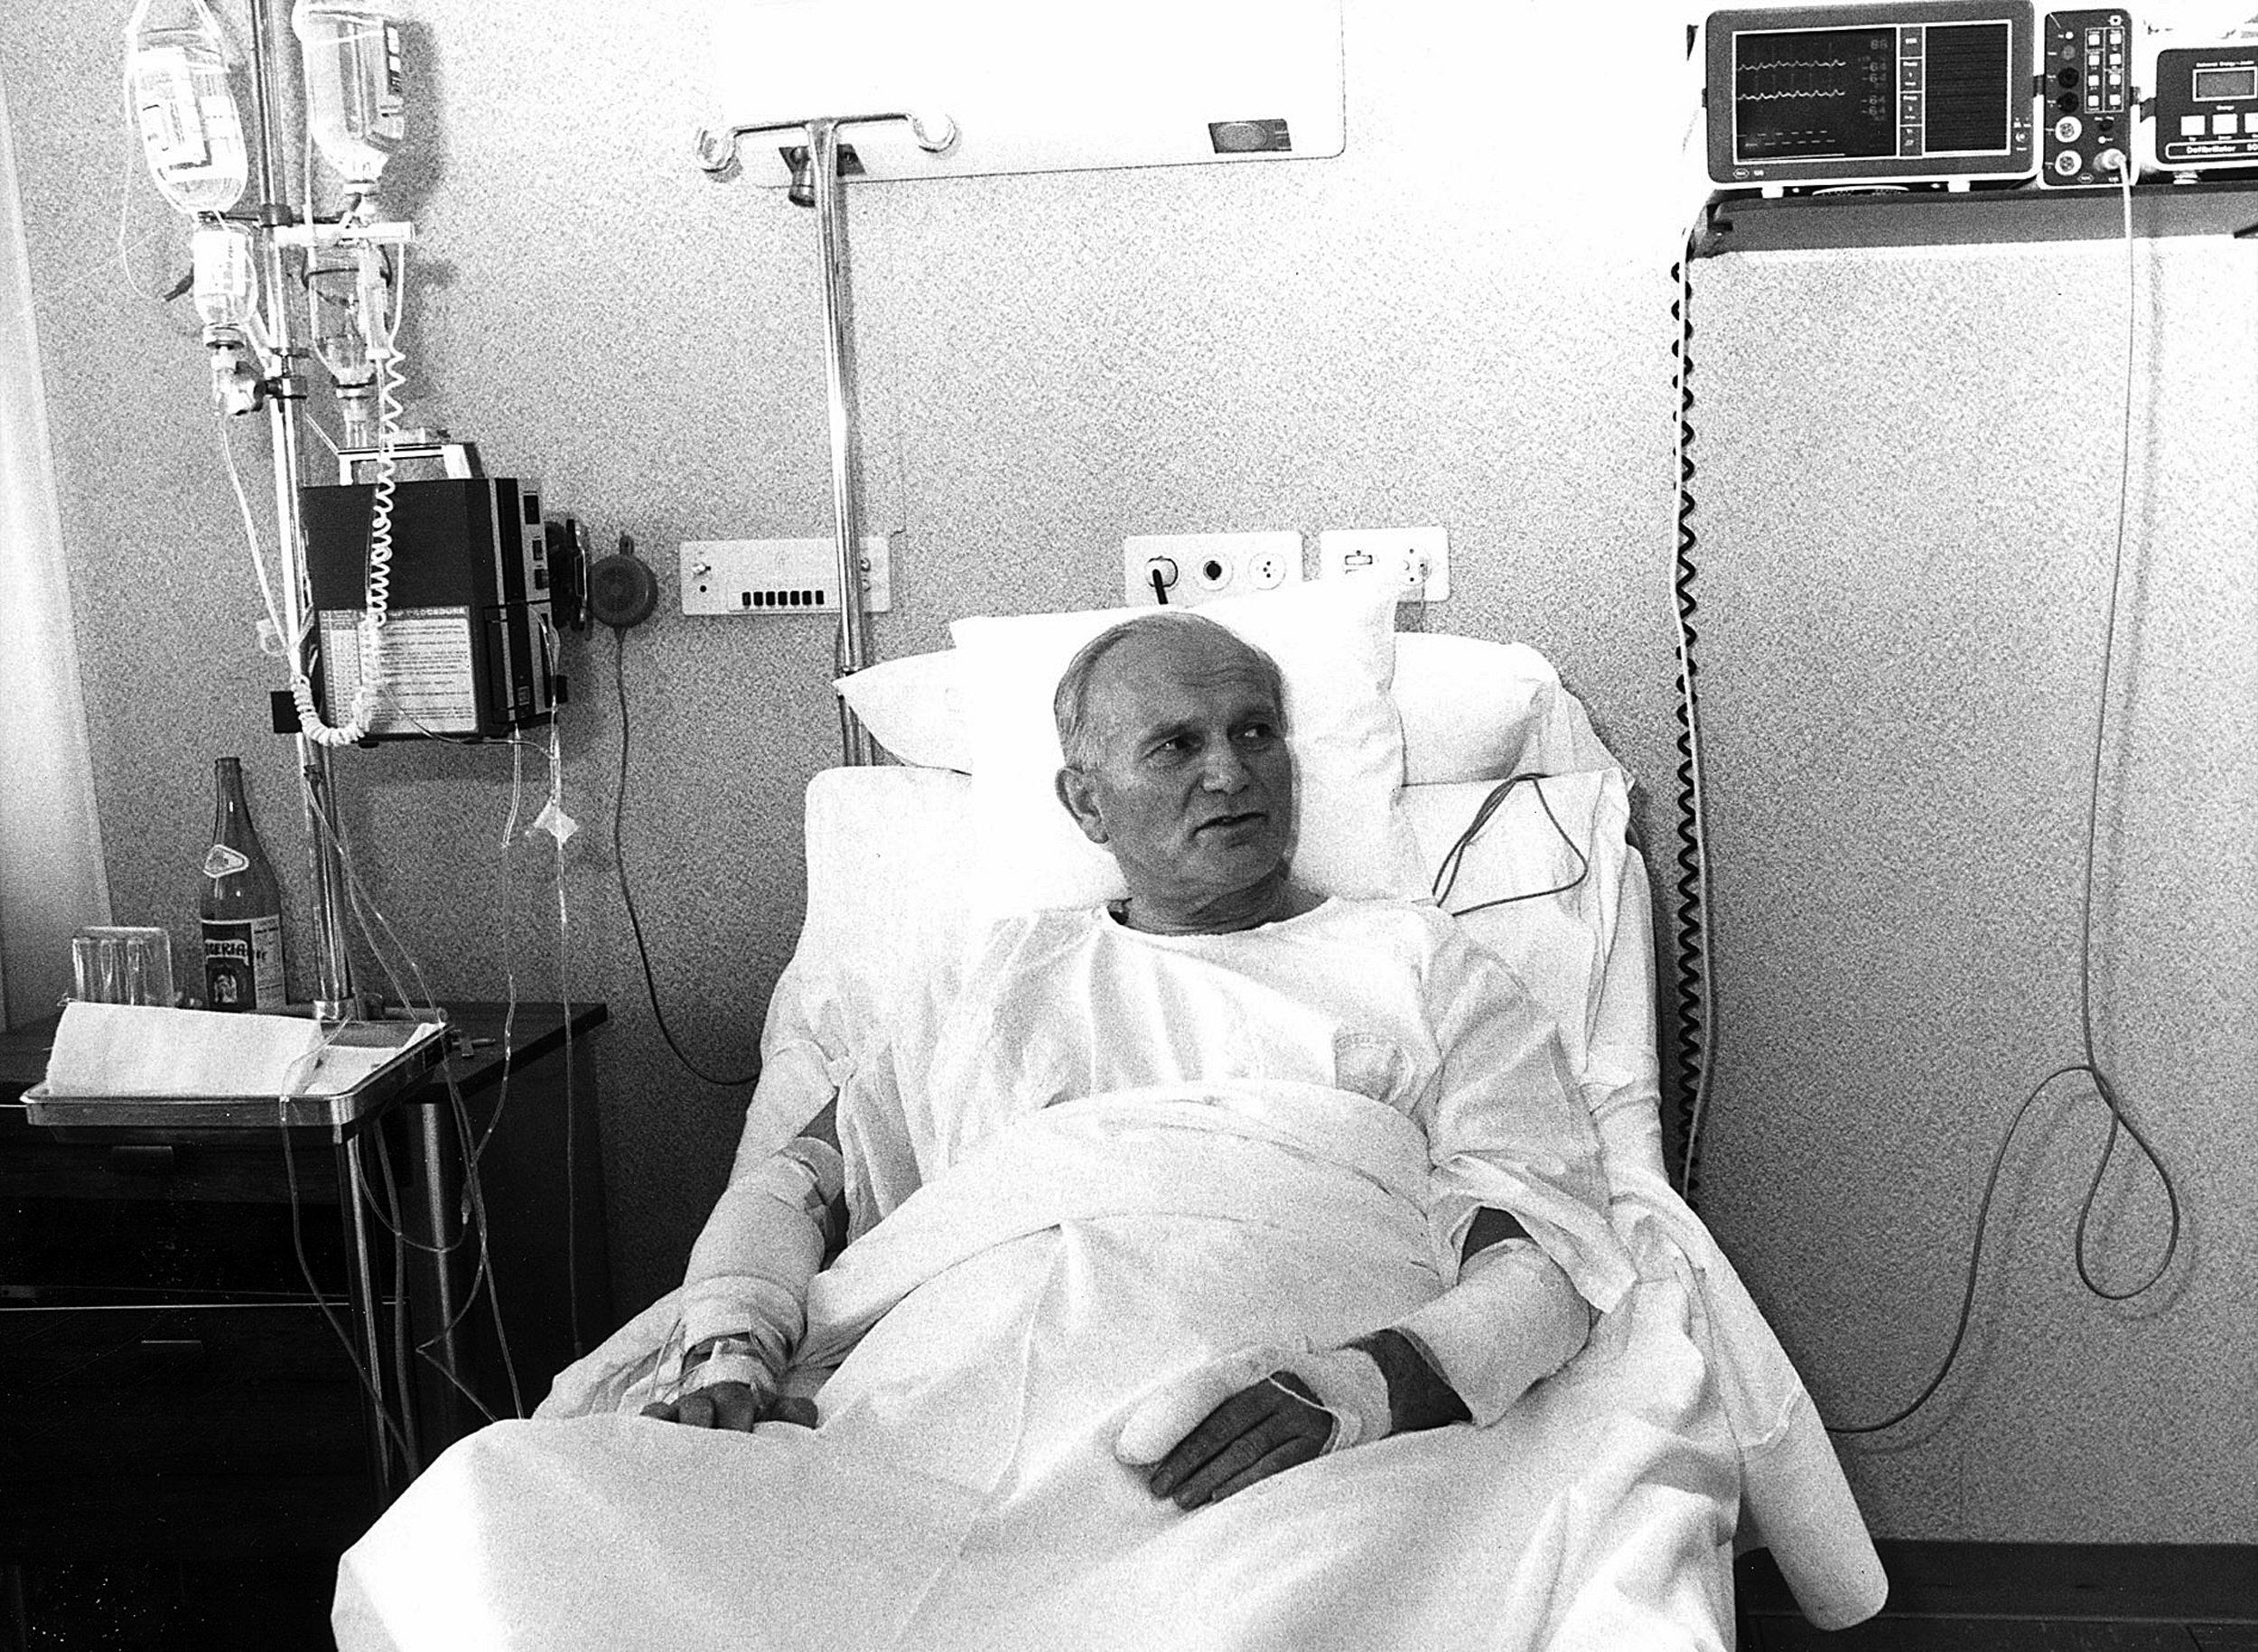 1981年5月19日,教宗若望保祿二世在Policlinico Gemelli 醫院接受治療。 (Getty Images)